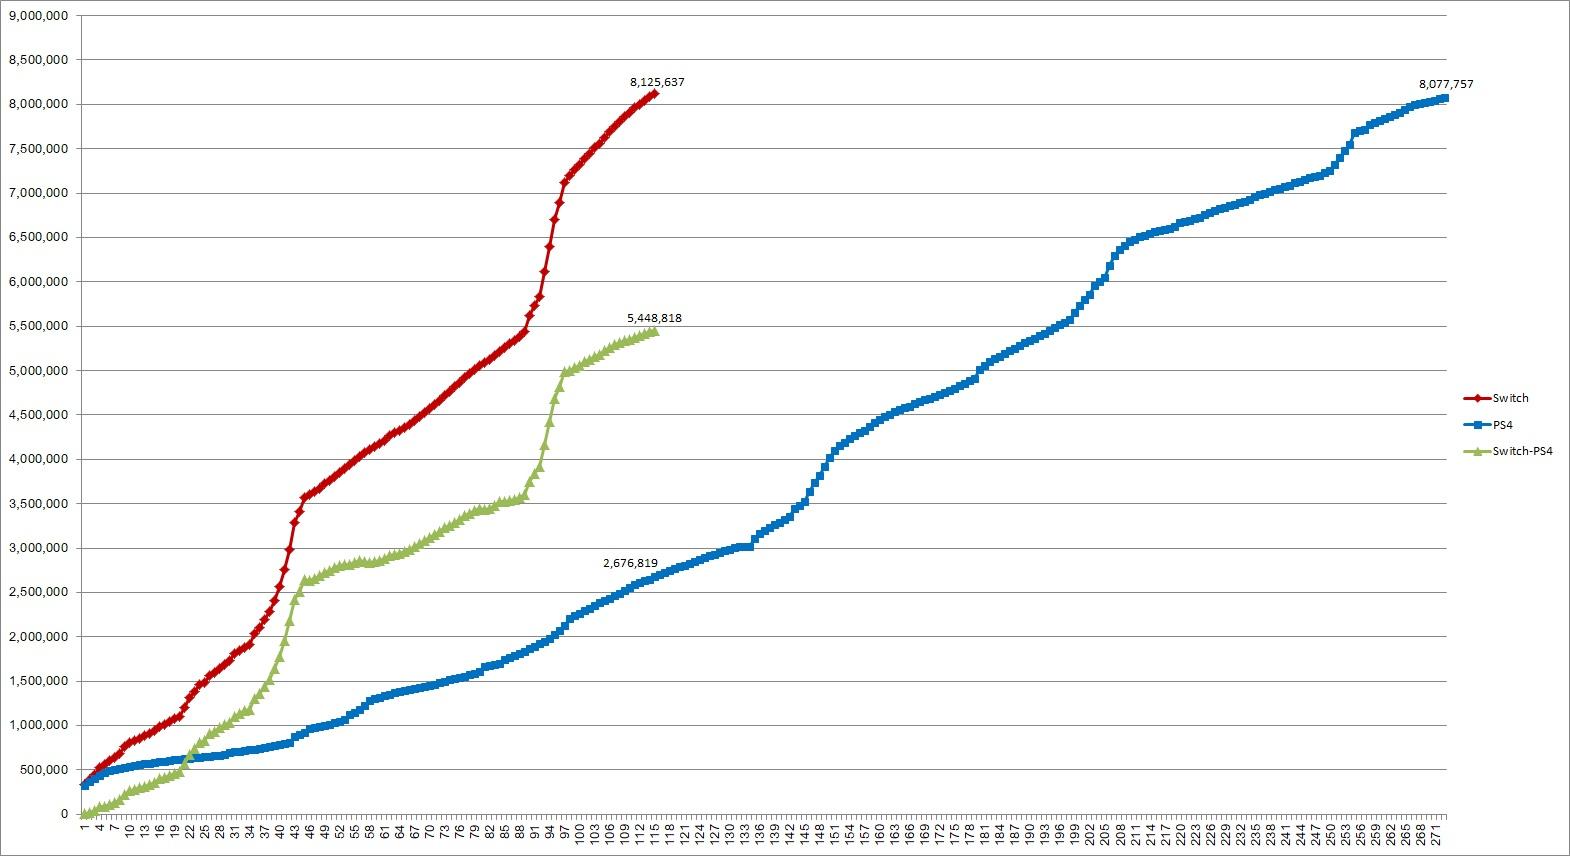 1 40 - Nintendo Switchの国内累計販売台数が812万台を突破。PS4&PS4 Proの合算を上回る